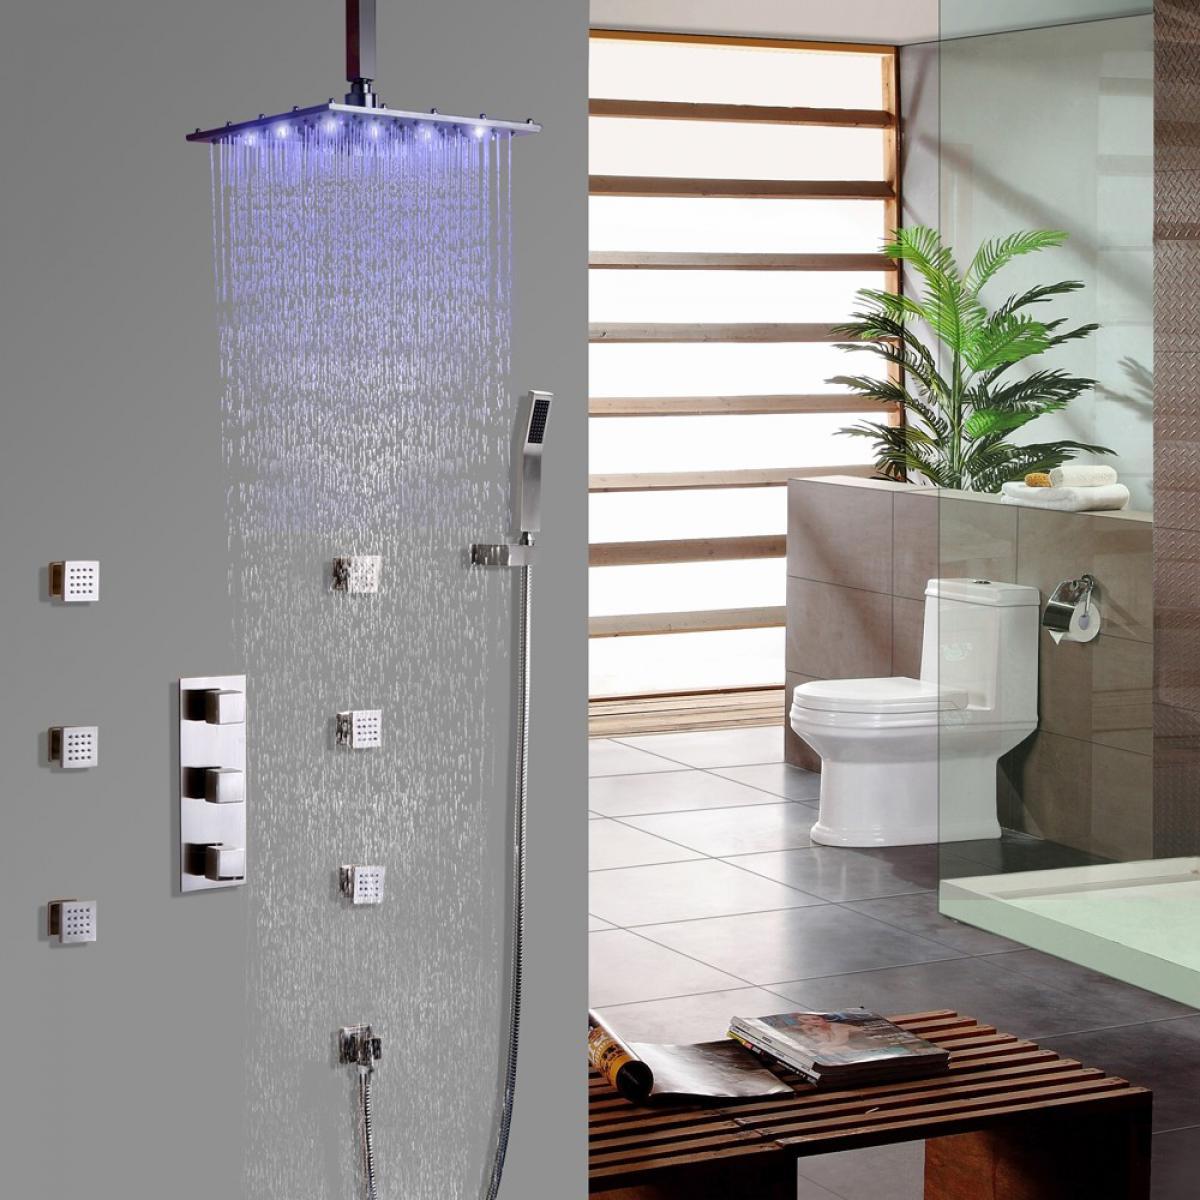 Kroos Système de douche thermostatique nickel brossé thermostatique Barre de douche Avec LED 250 mm